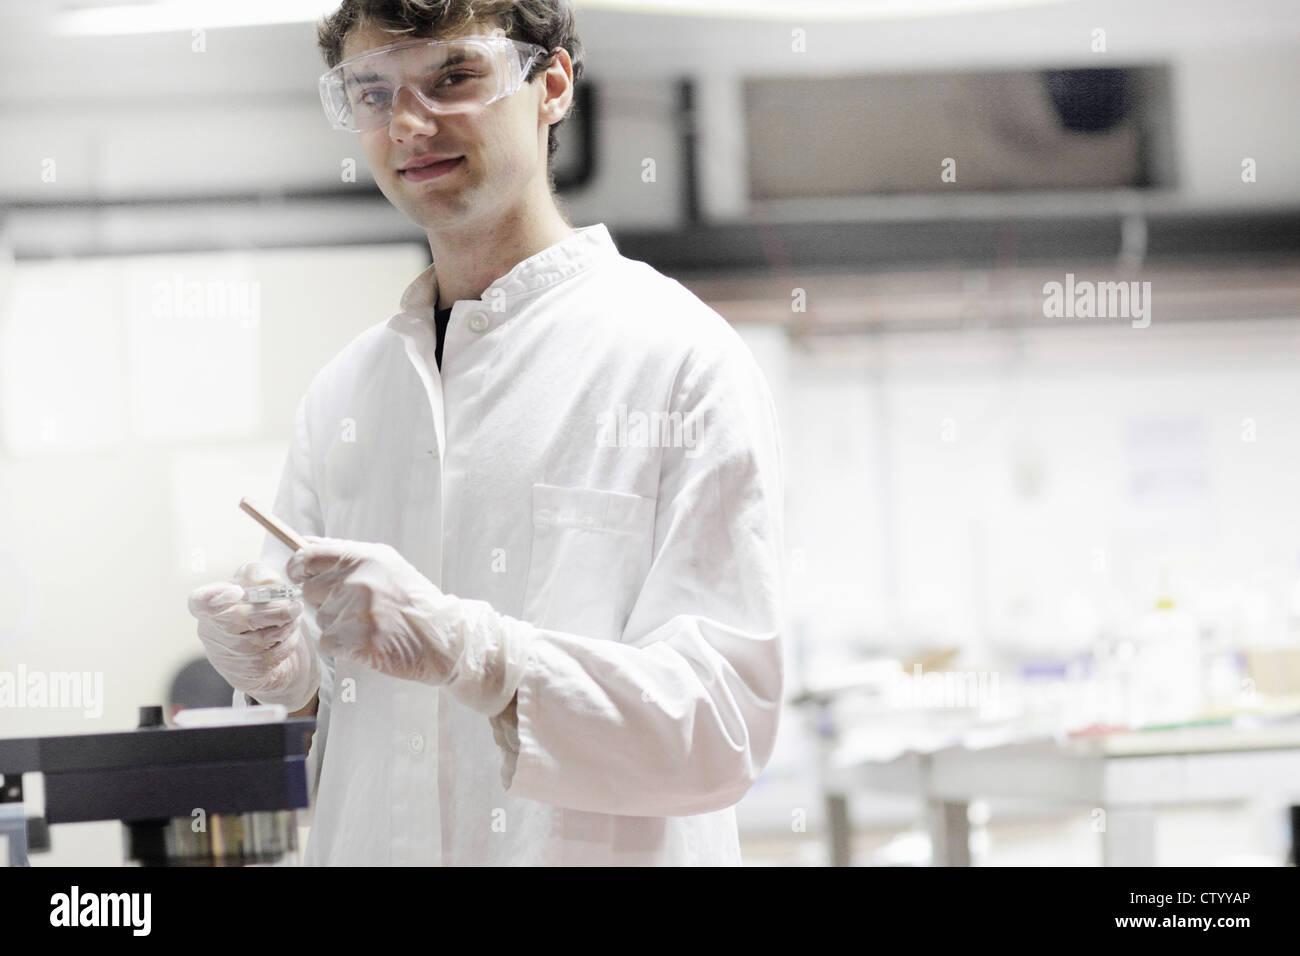 Scienziato holding dropper in laboratorio Immagini Stock